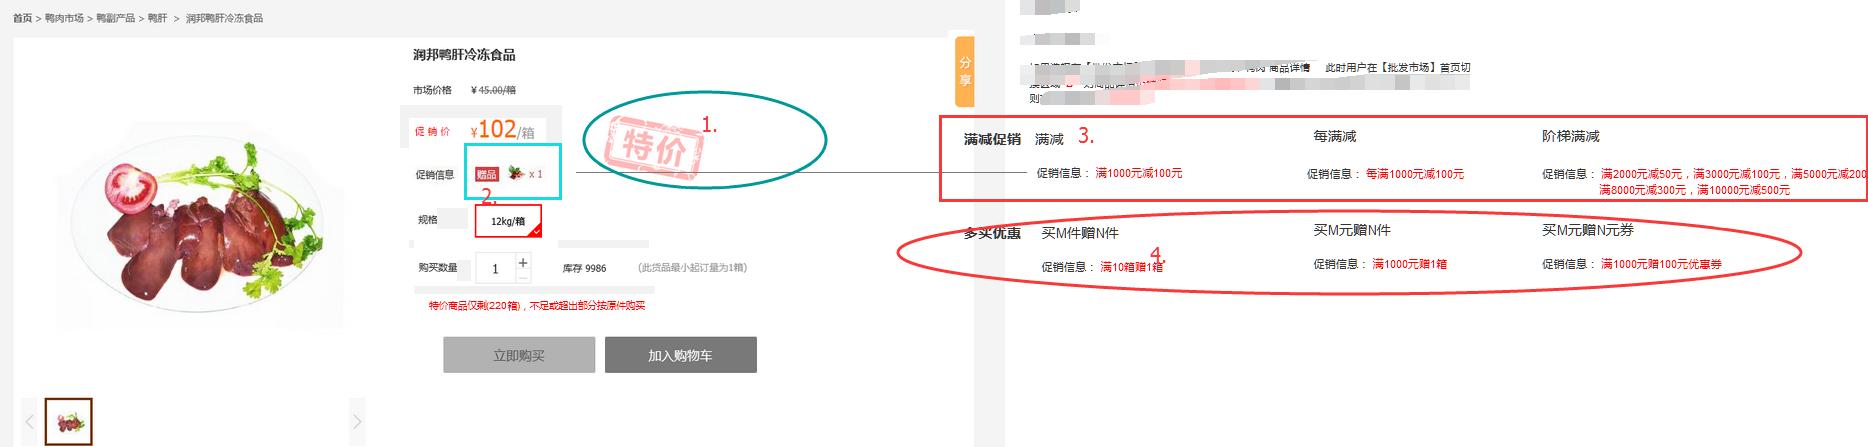 PC商品详情页